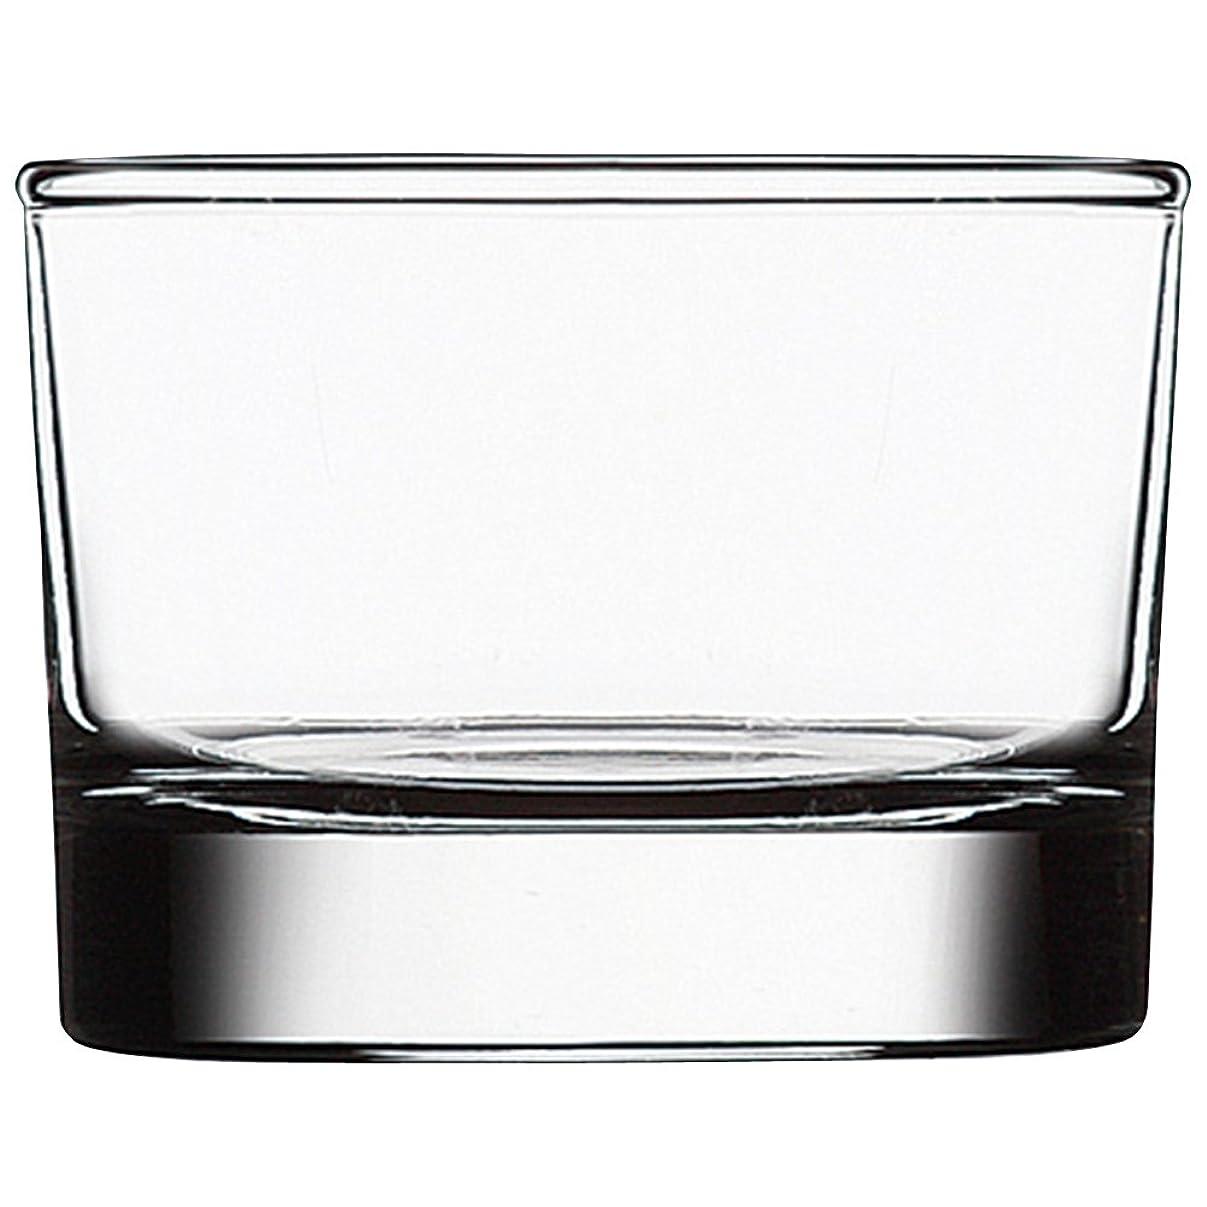 予知迫害聖人山下工芸 グラス ヴェガキャンドルホルダー 5×5×3.8cm 13539000